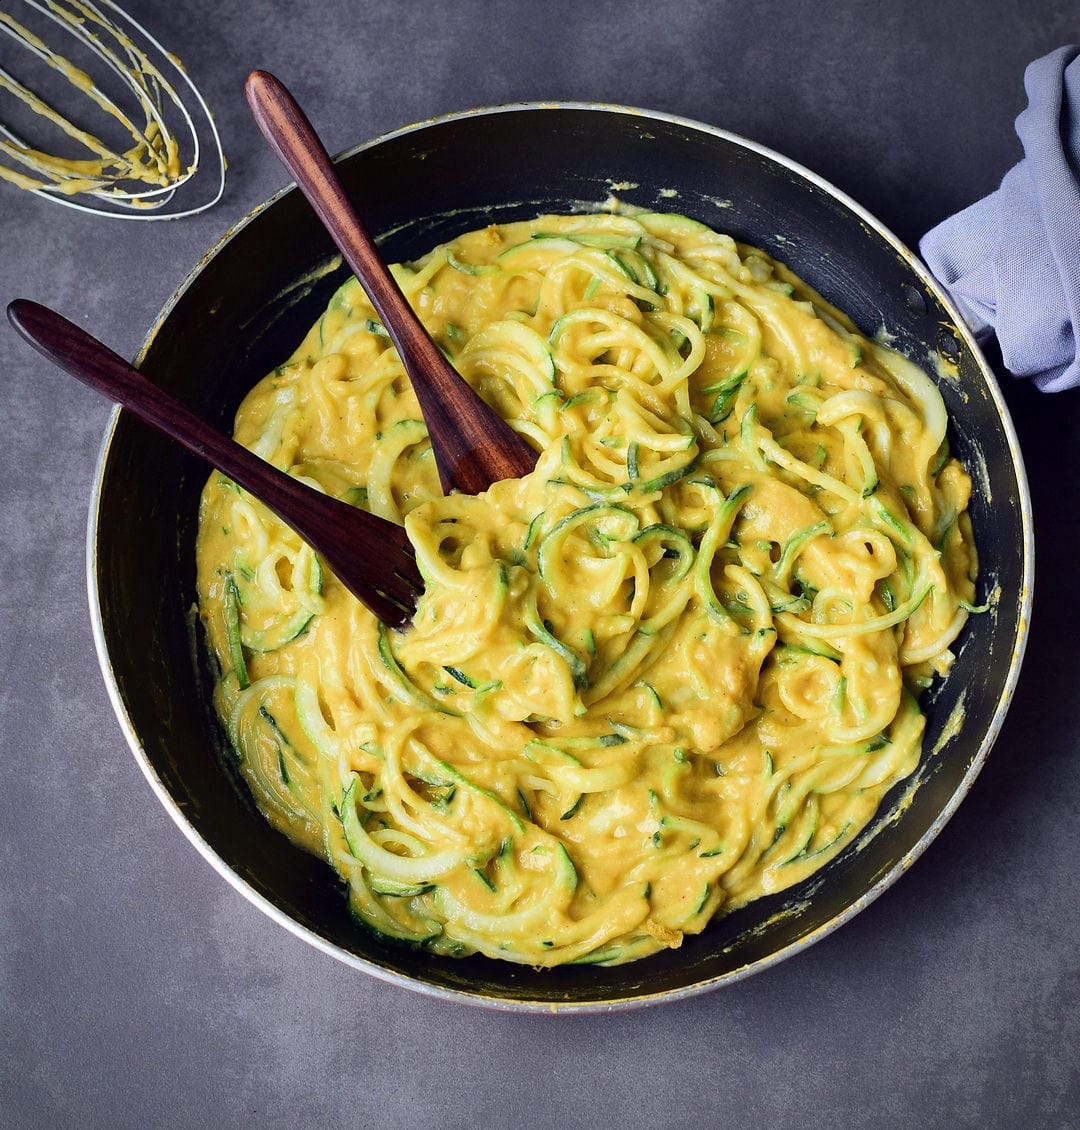 Zucchini Nudeln (Zoodles) mit veganer Käsesauce in schwarzer Pfanne mit Besteck